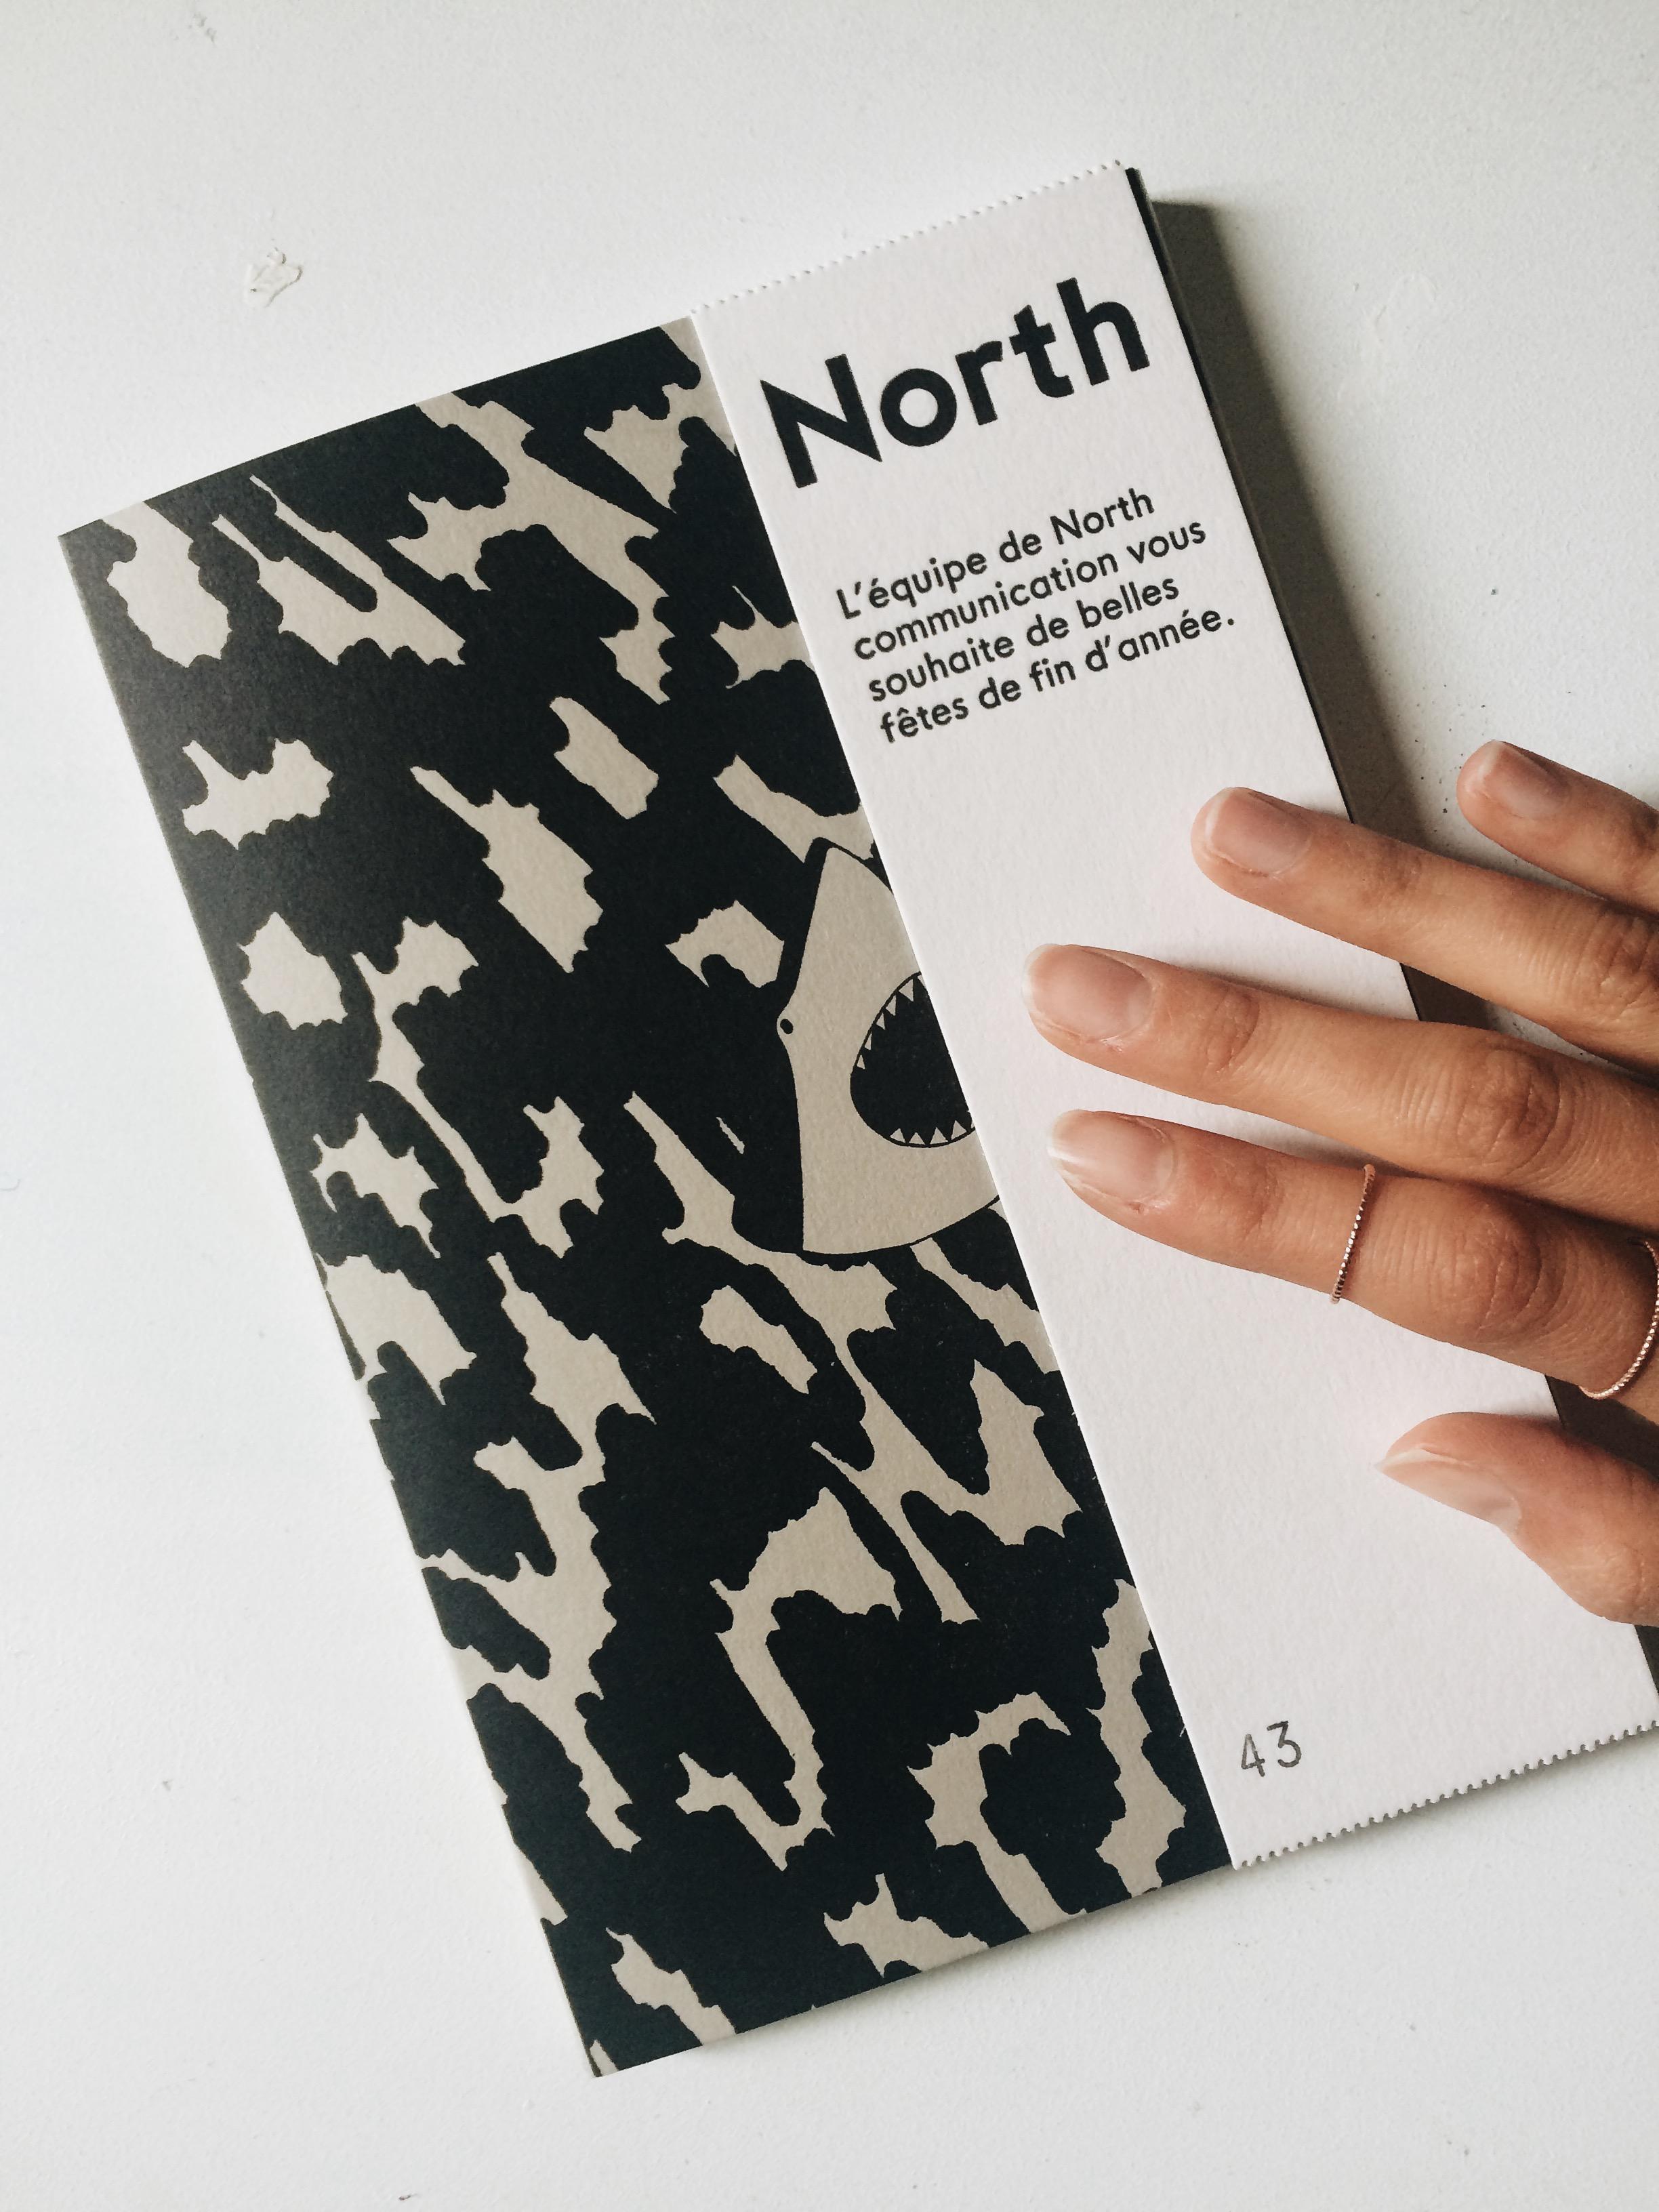 NORTH + CARNET NUMERO